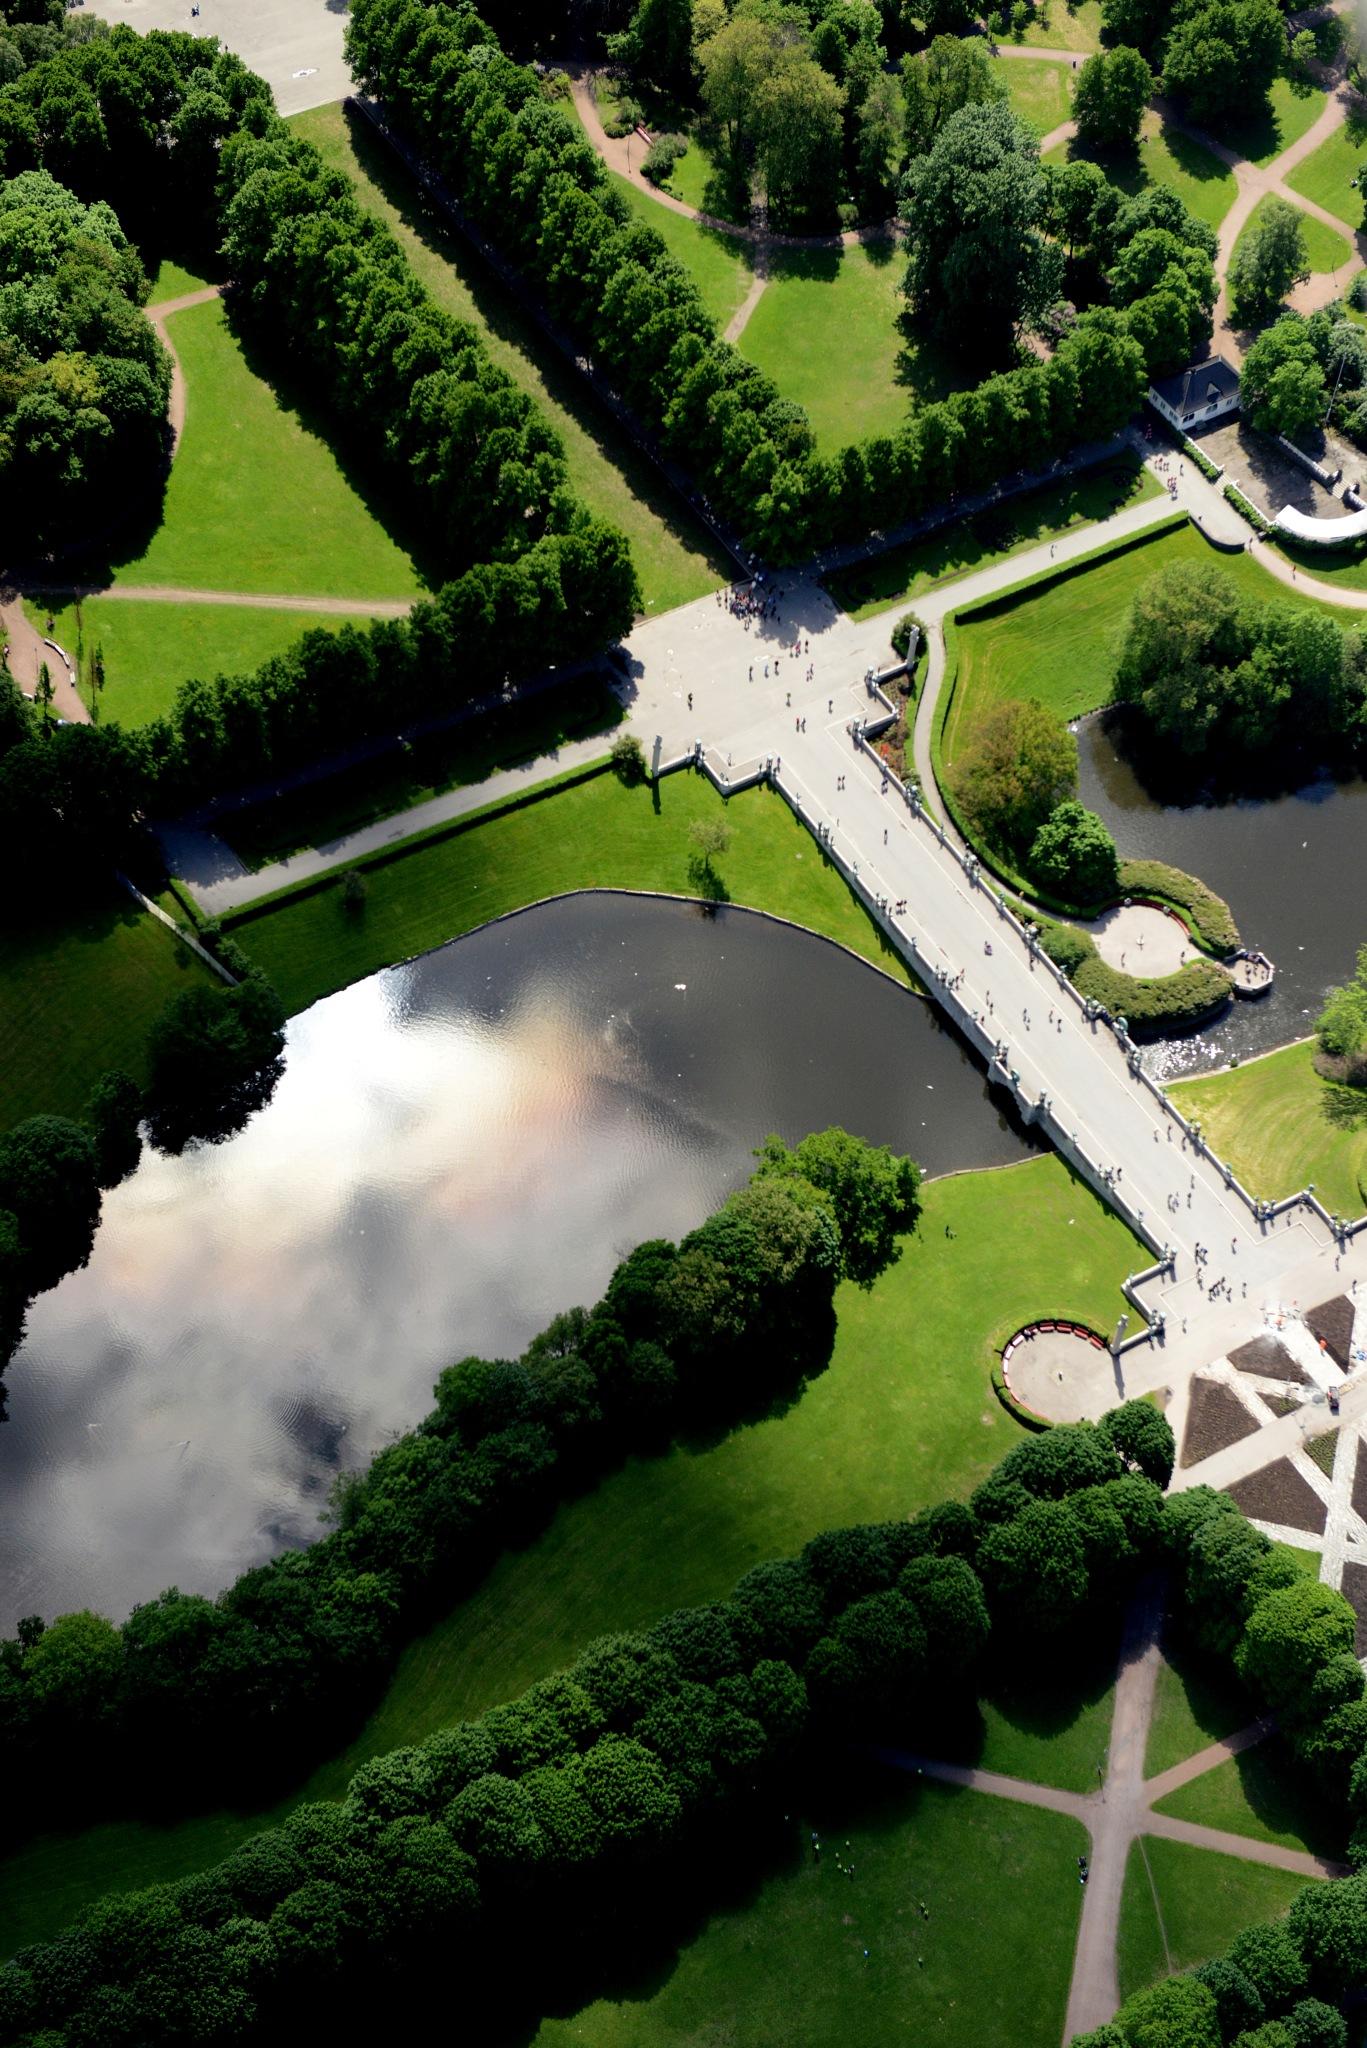 Frognerparken, Oslo, Norway by Lasse Tur